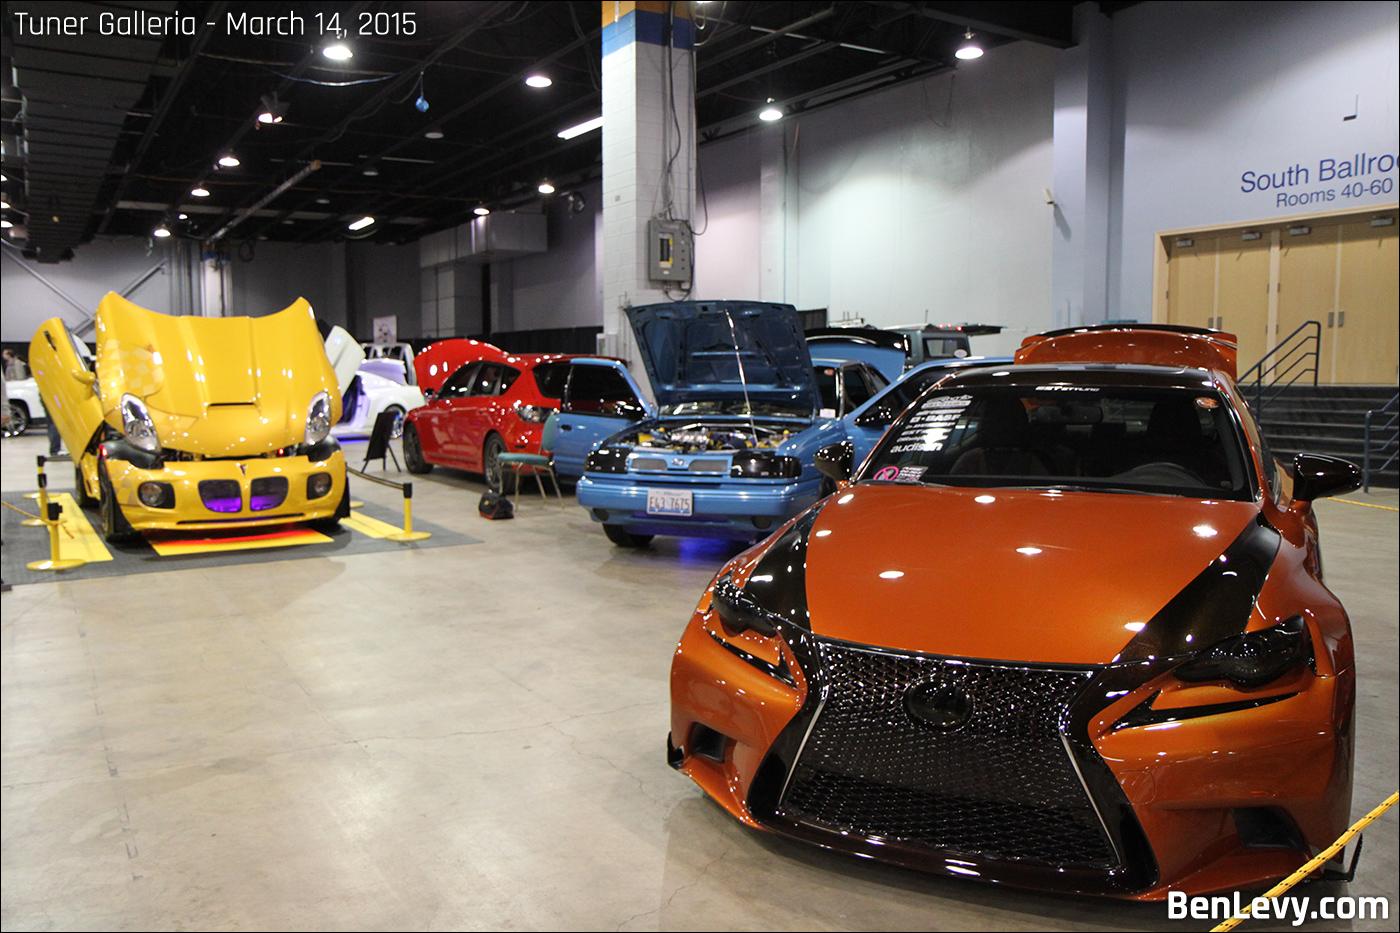 Cars at Tner Galleria 2015